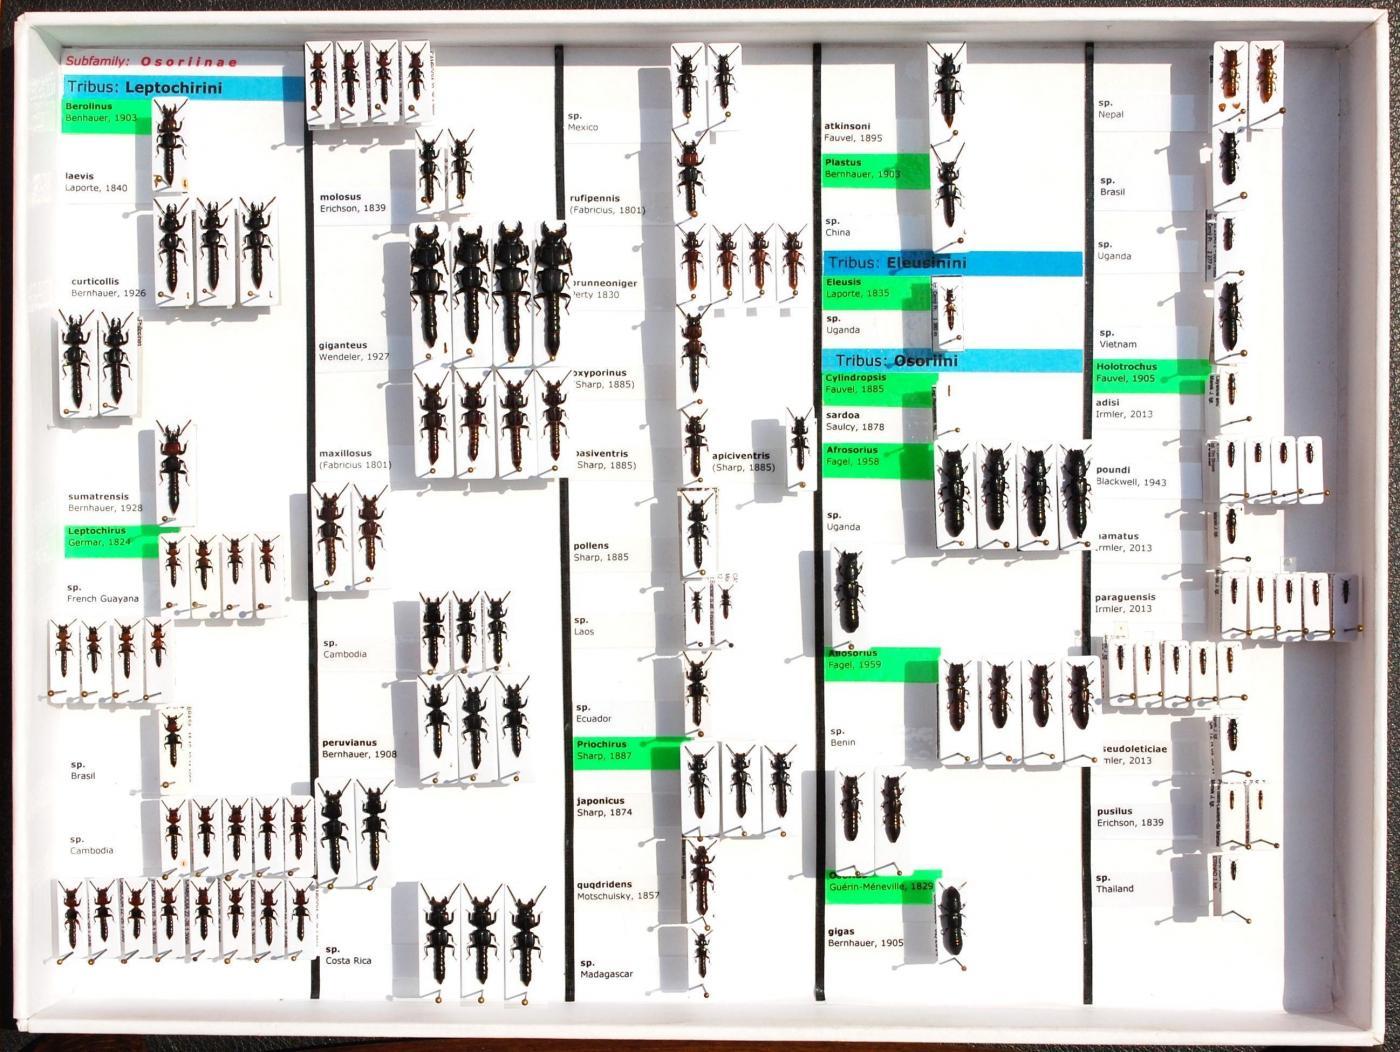 Staphylinidae_9.JPG - кликните, чтобы открыть увеличенную картинку